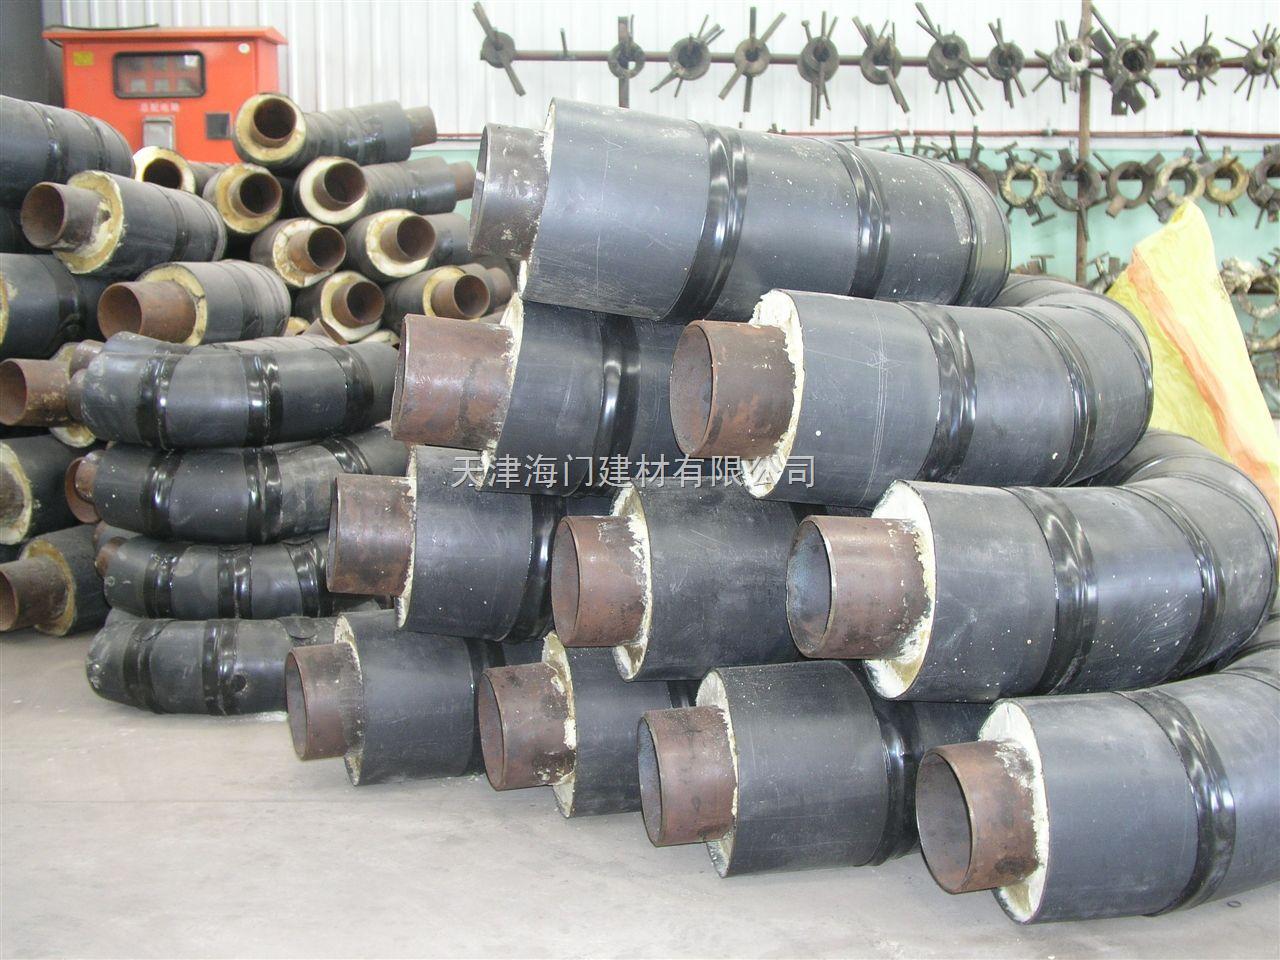 保温管,聚氨酯保温管,预制直埋管,直埋保温管,北京保温管